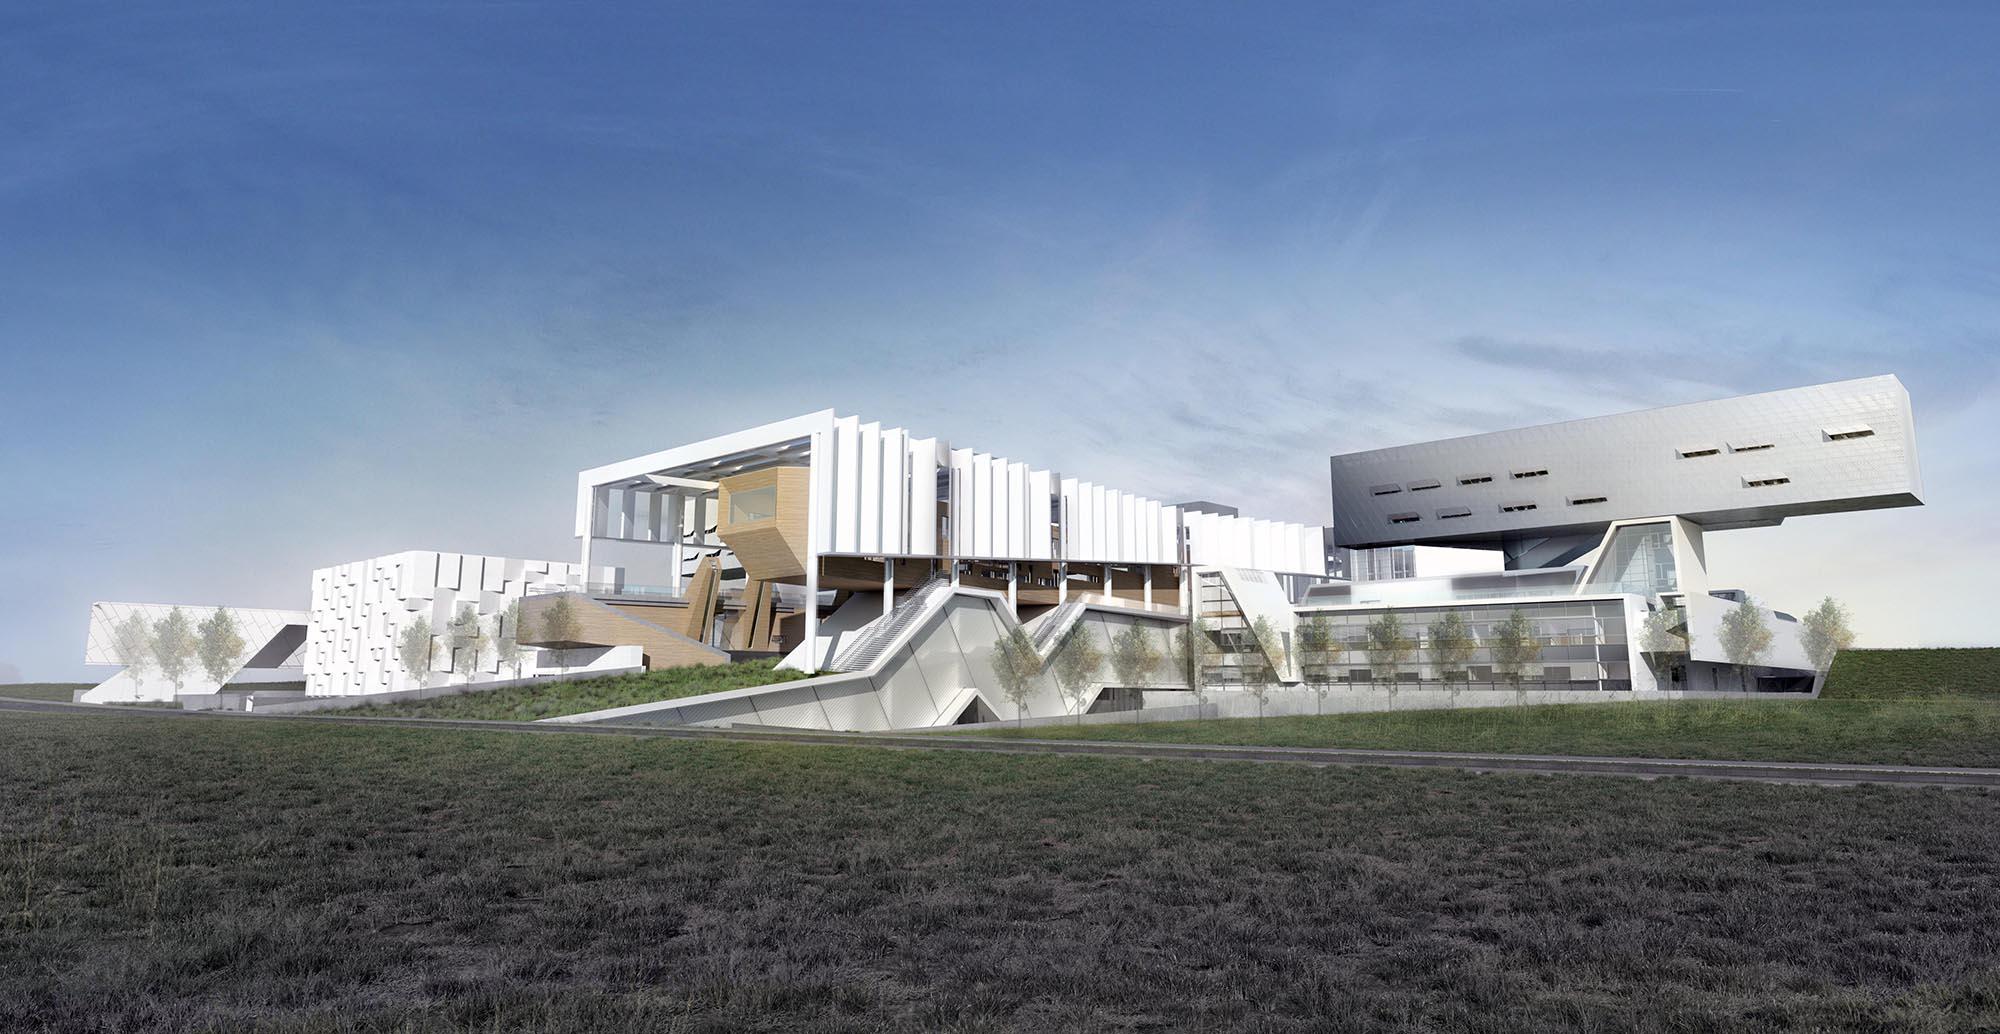 Κτηριακές εγκαταστάσεις της Πολυτεχνικής Σχολής του Πανεπιστημίου Κύπρου